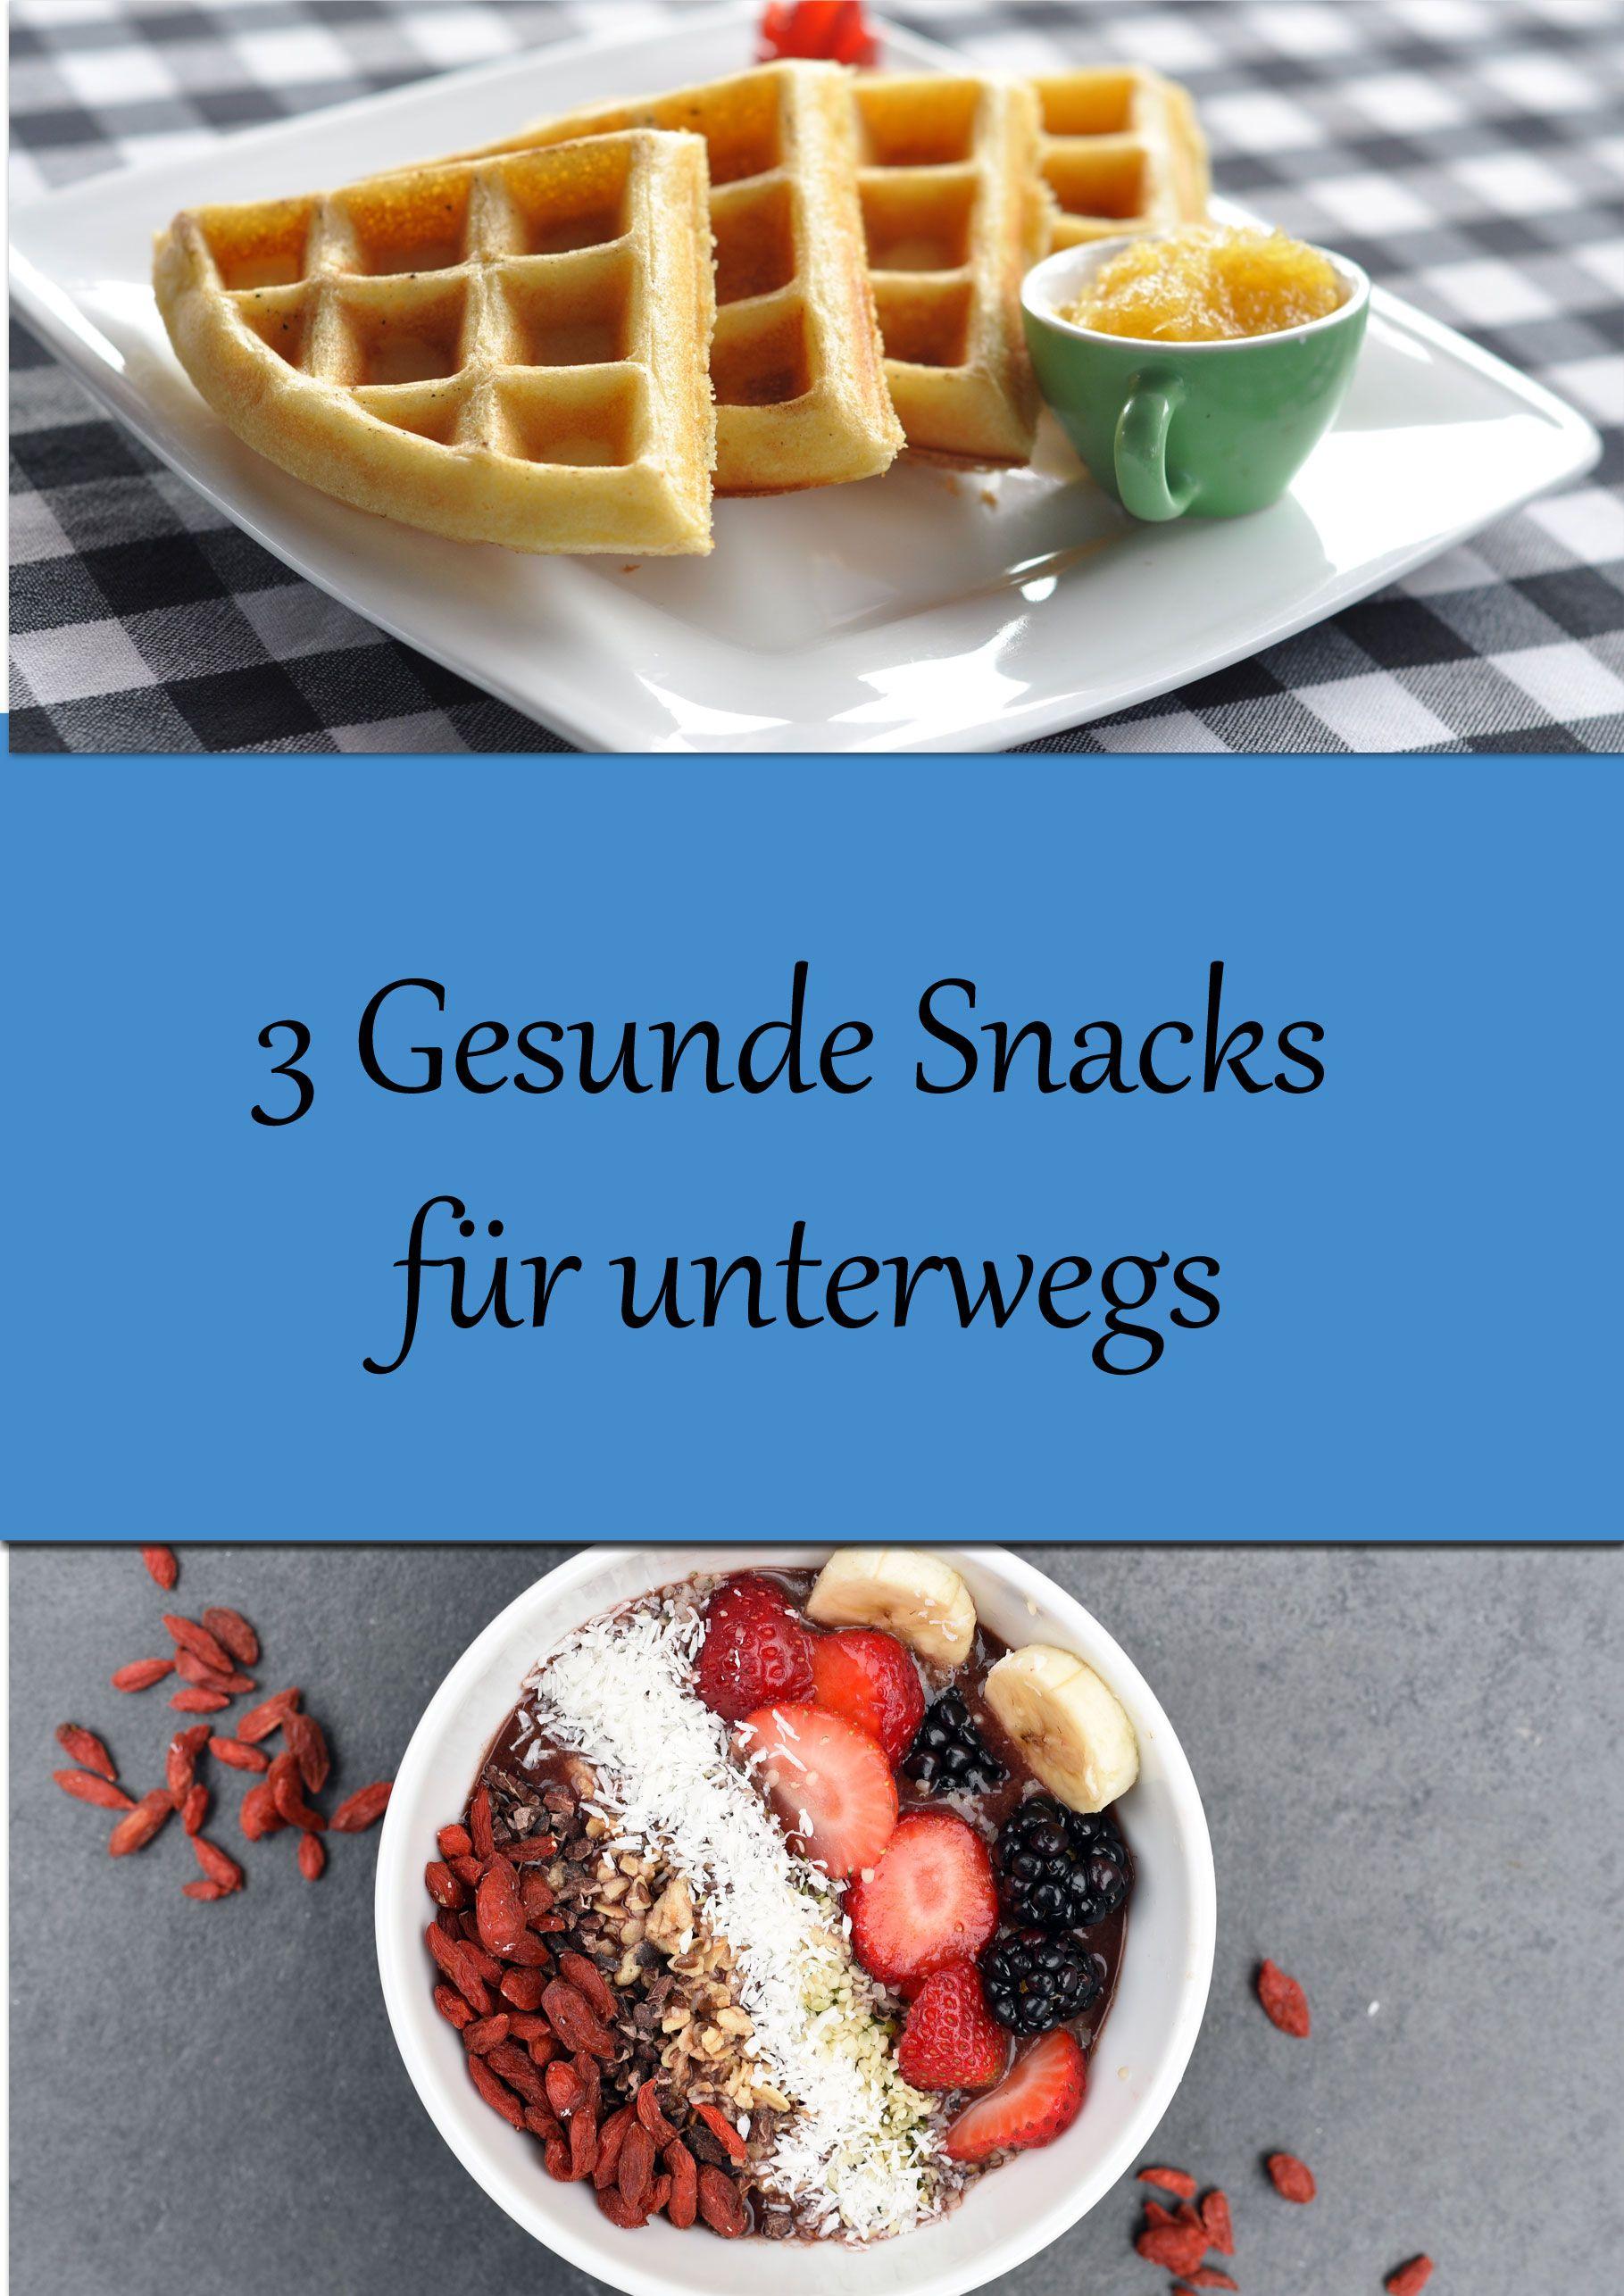 3 Einfache Gesunde Snacks Fur Unterwegs Zum Schnellen Abnehmen